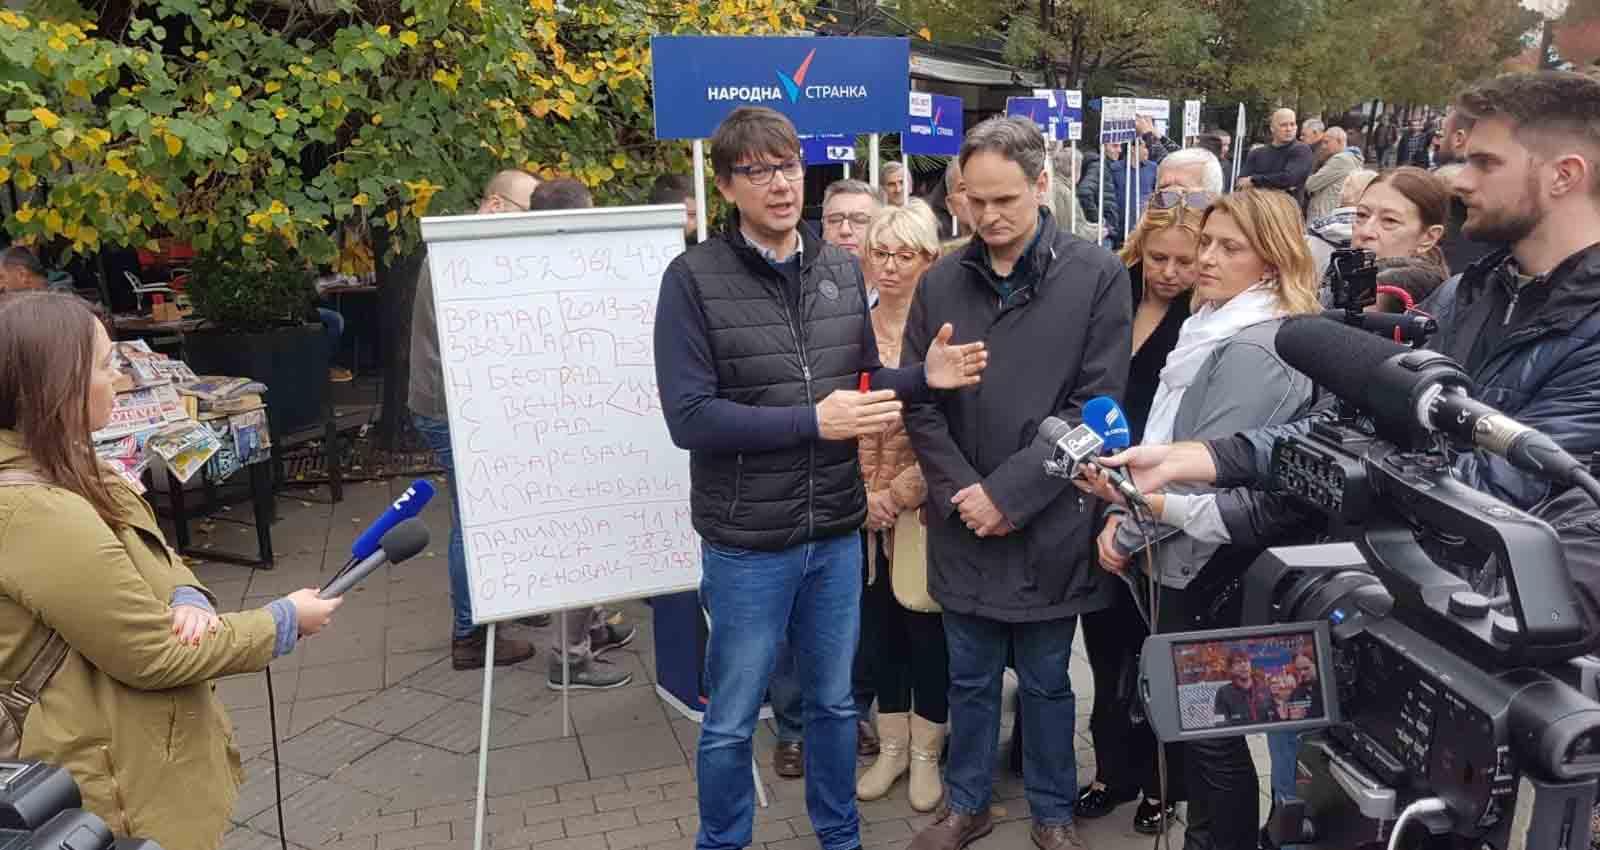 Јовановић: Градски буџет за 2020. годину доказ да је децентрализација Београда била лаж